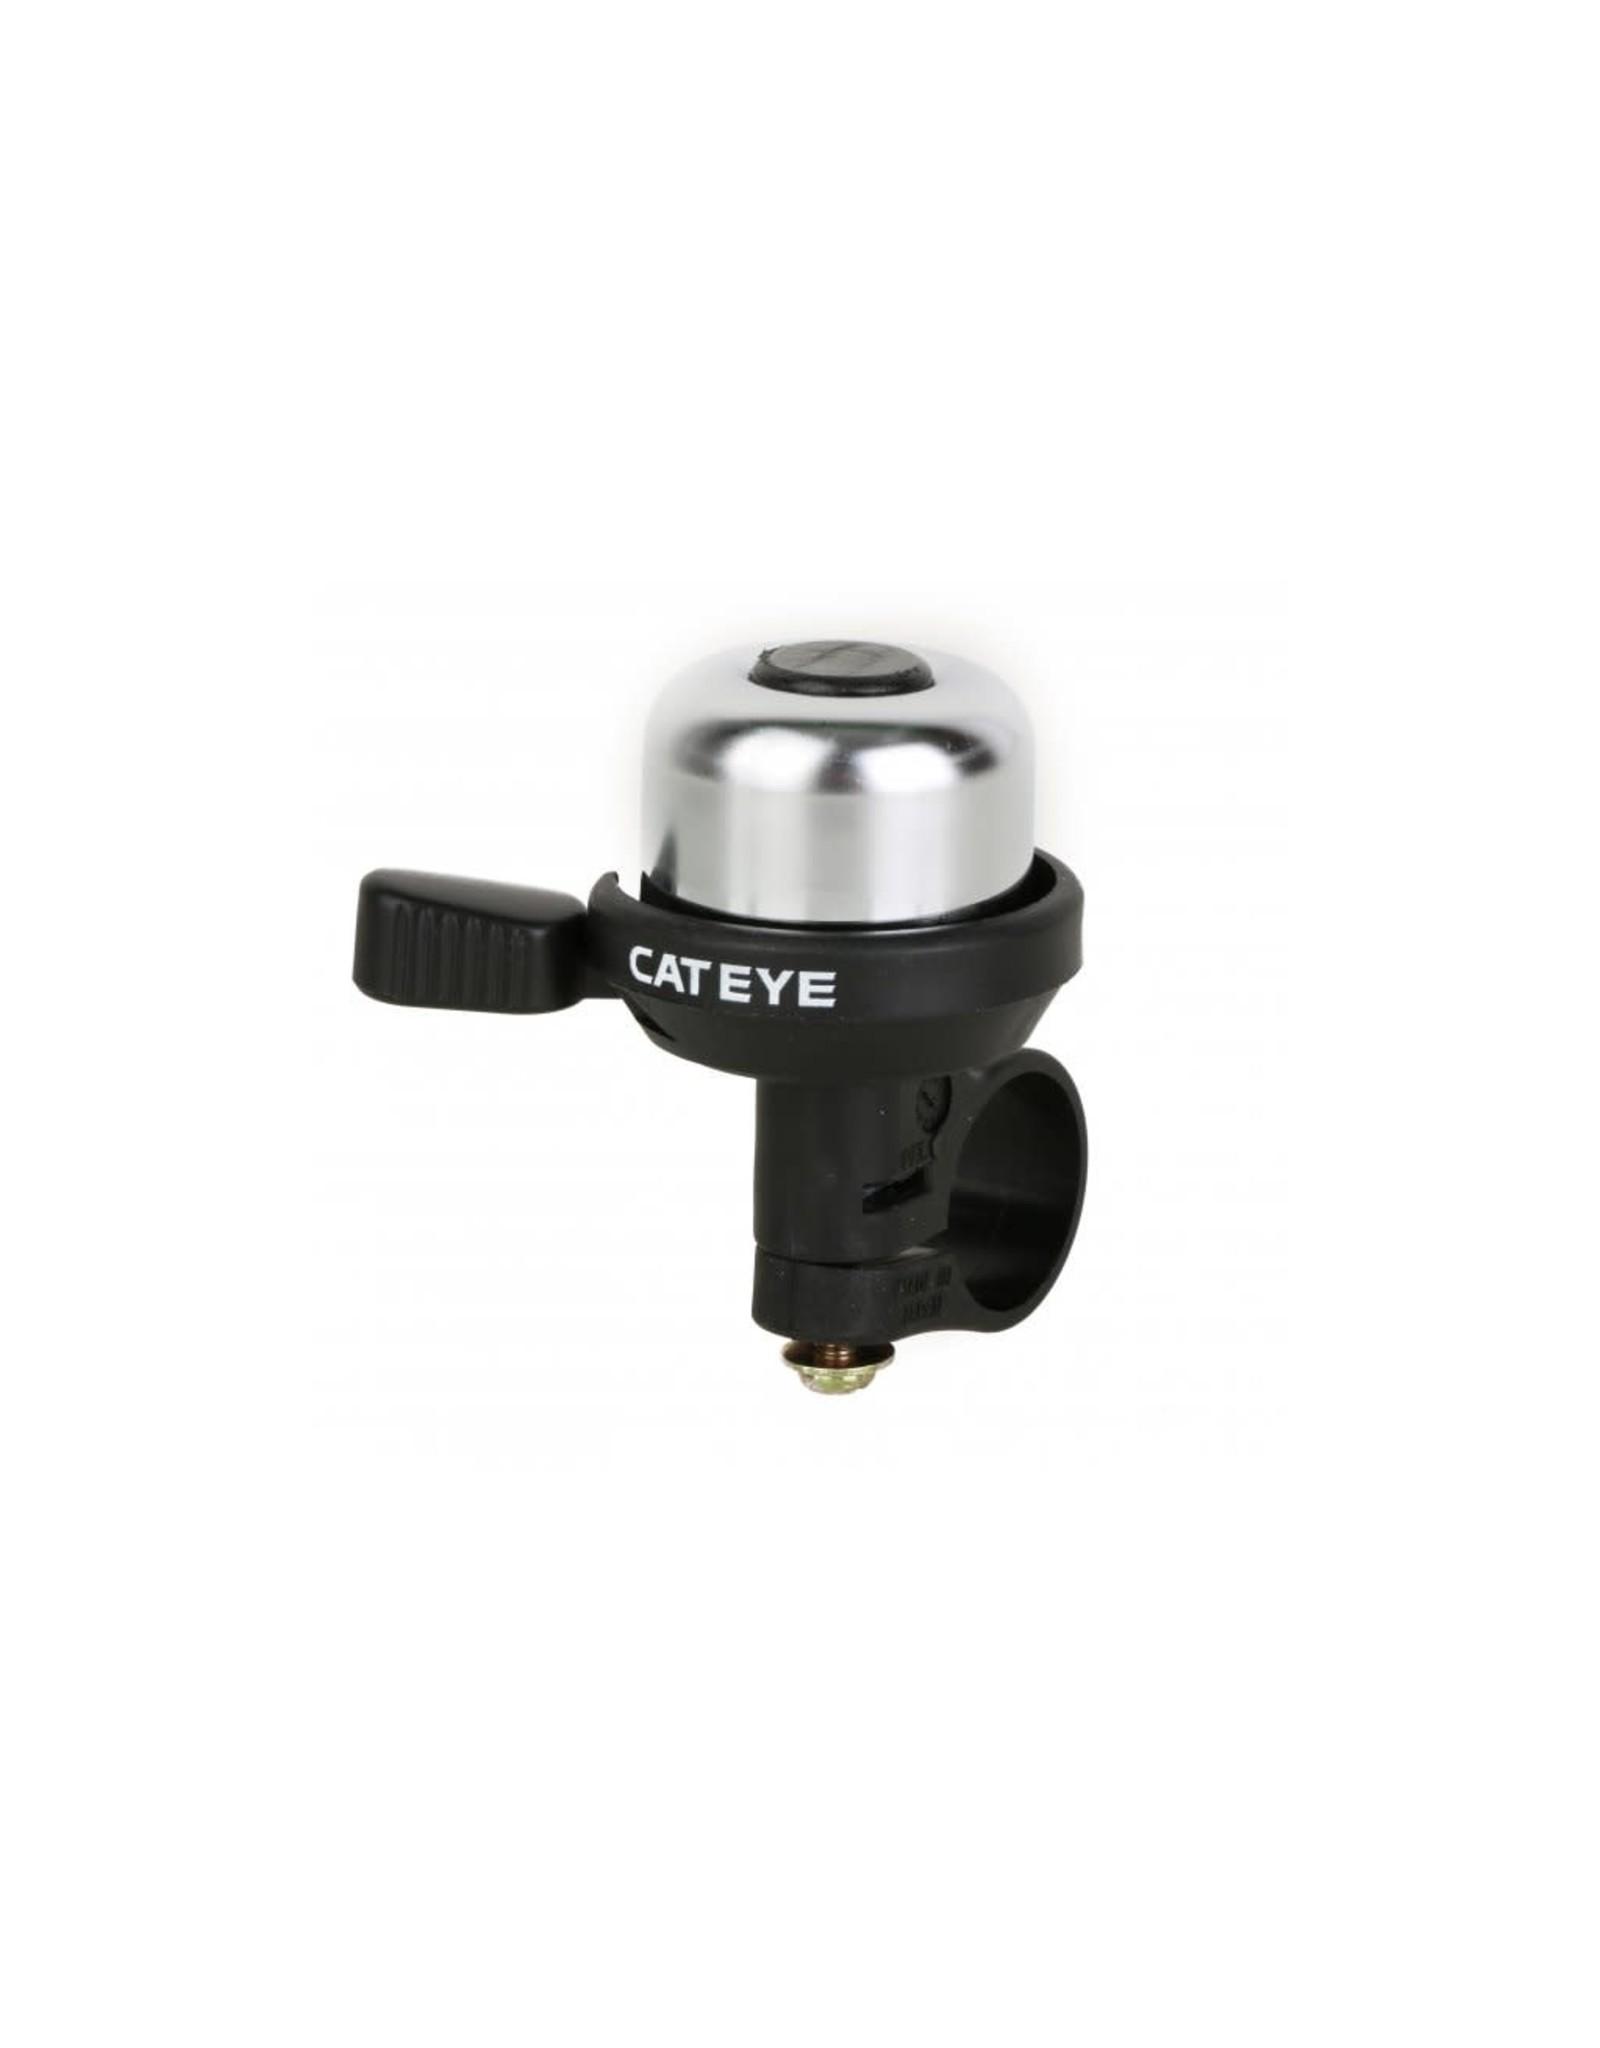 CatEye CatEye - Wind PB-1000, Bell, Silver